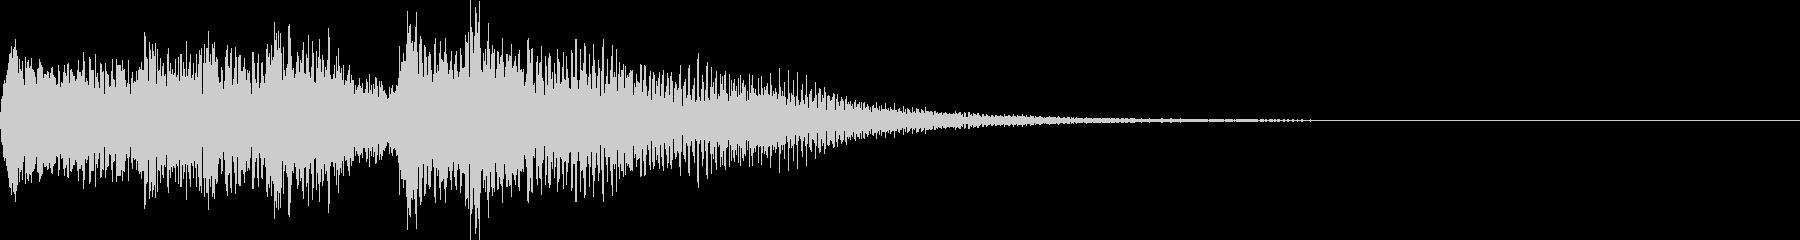 ピアノファンファーレ!Lv.UP時などにの未再生の波形